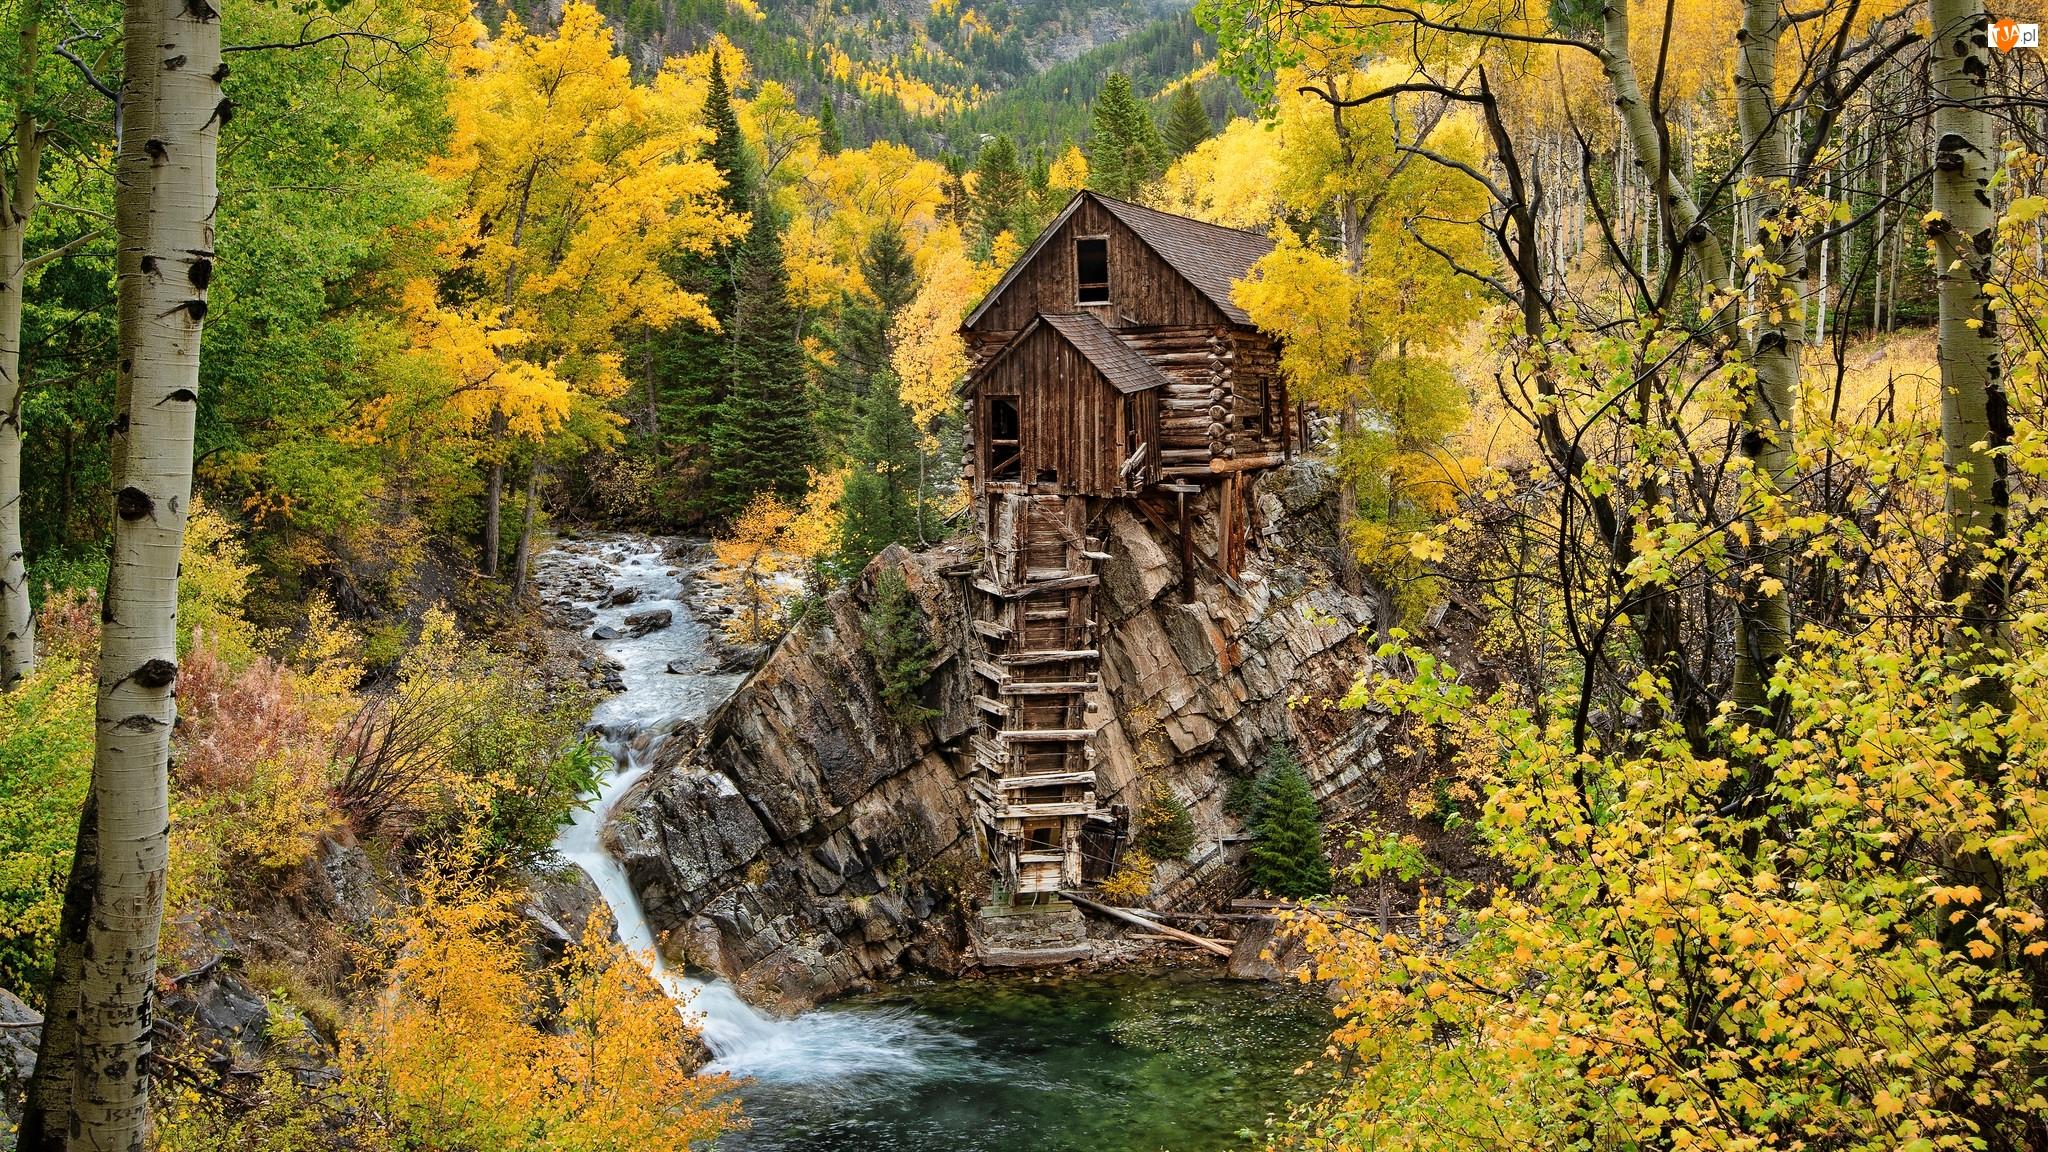 Stany Zjednoczone, Skały, Drzewa, Jesień, Młyn, Drewniany, Rzeka, Crystal Mill, Crystal River, Kolorado